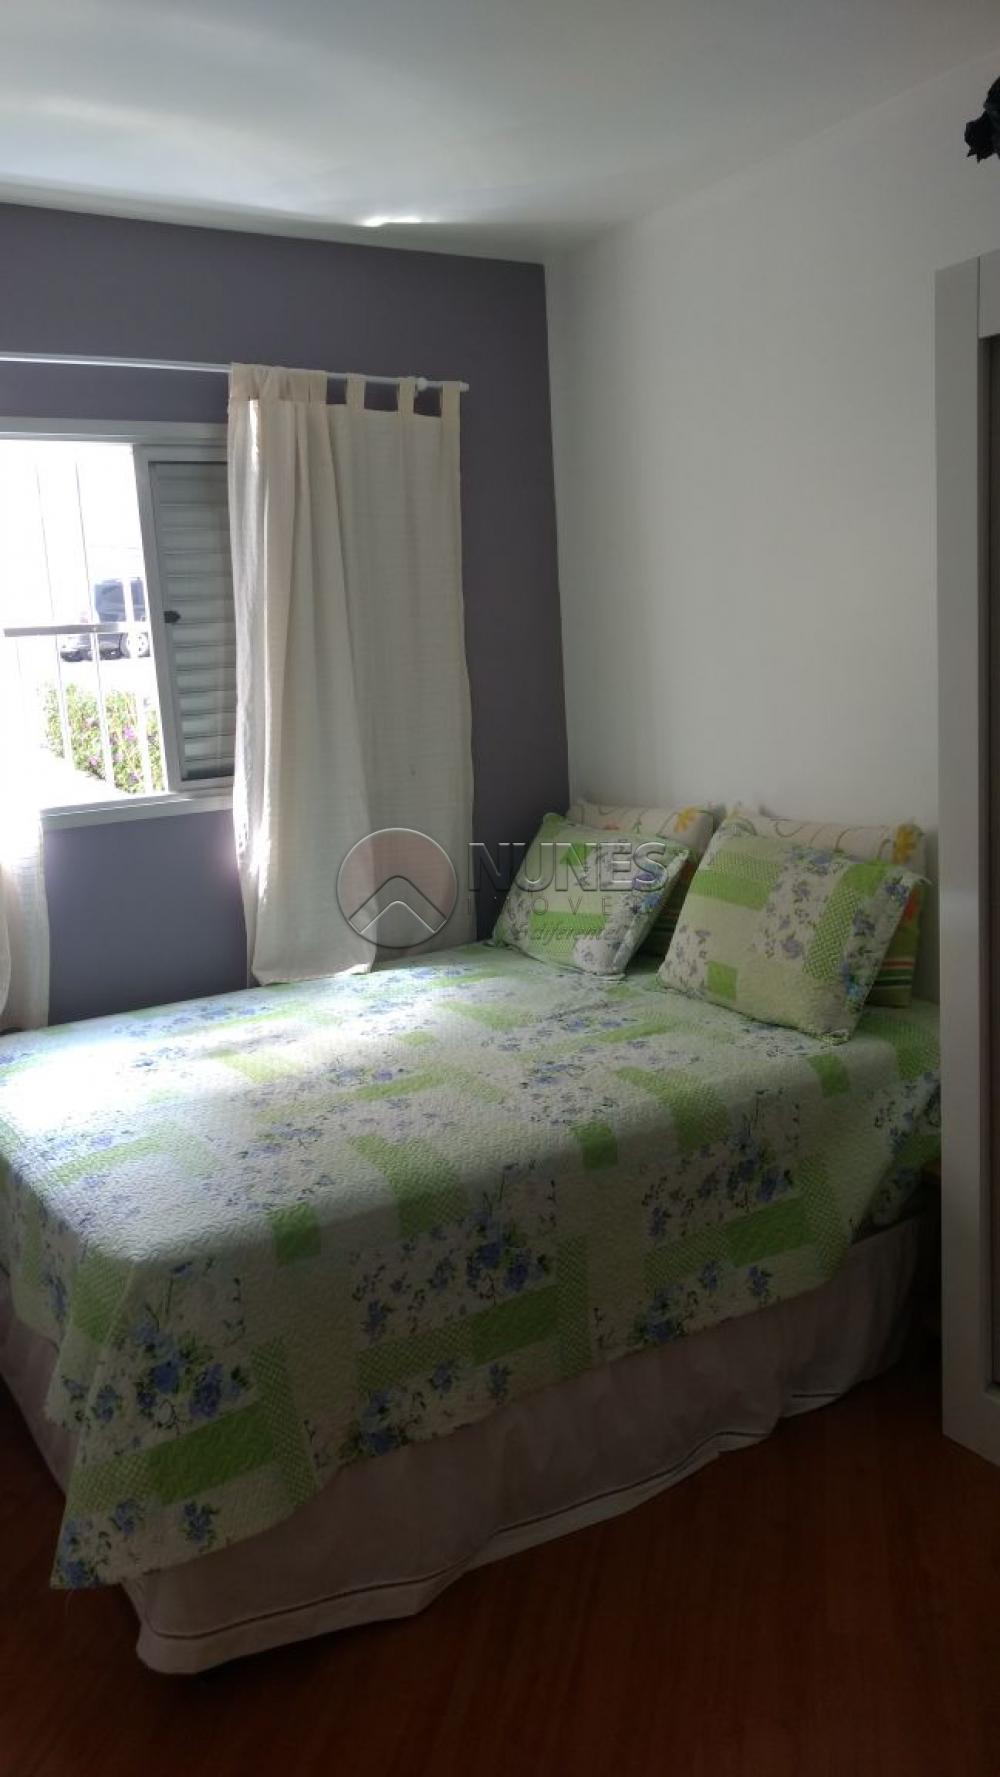 Comprar Apartamento / Padrão em Osasco apenas R$ 252.000,00 - Foto 7